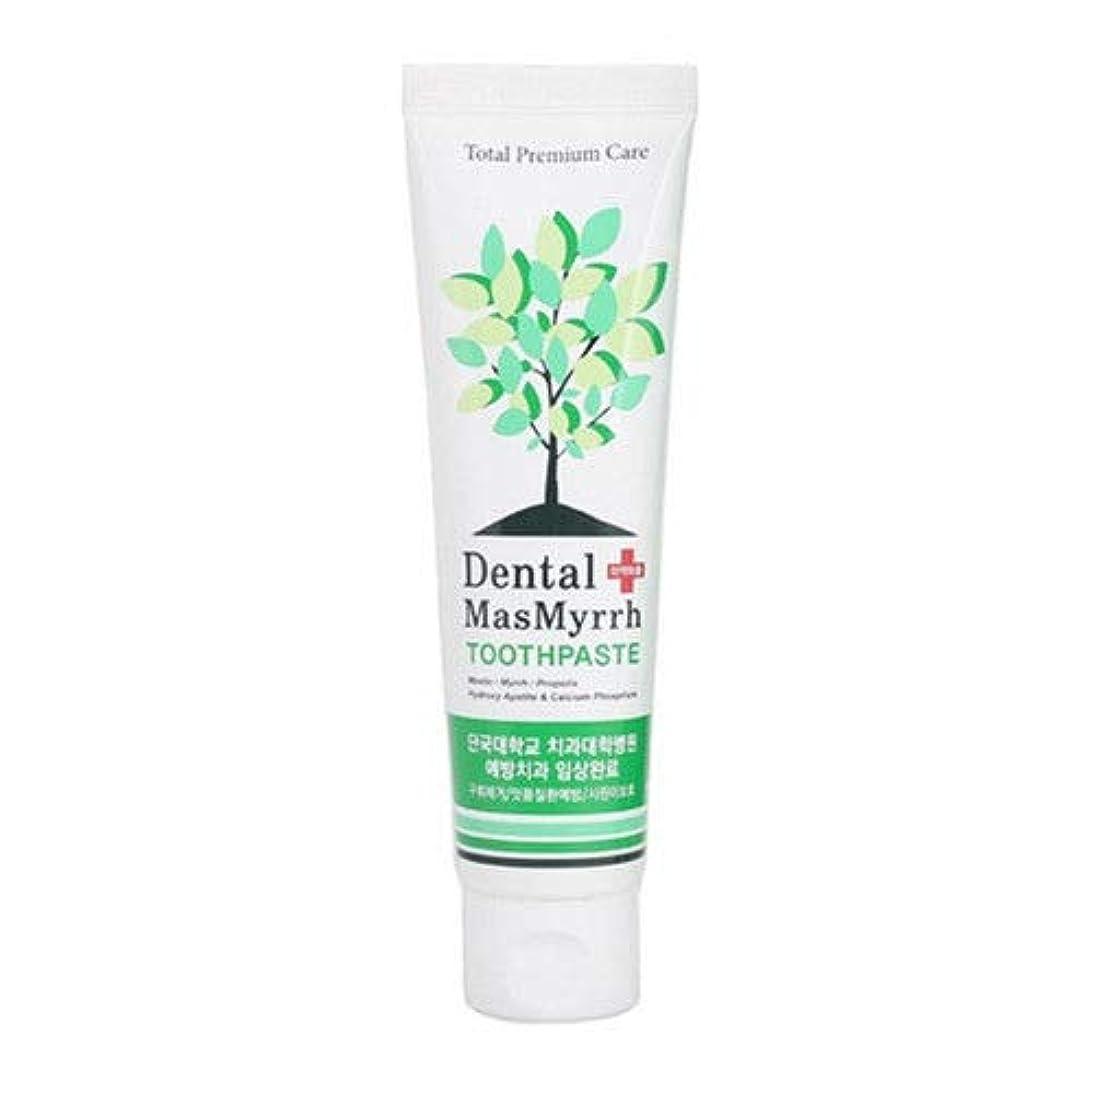 彫刻誠実さ決めます天然 ナチュラル キシリトール 歯磨き粉 Natural Hernal Xylitol Anti-plague PBL Tube 歯科用 ハミガキ粉 - 130g[並行輸入品]